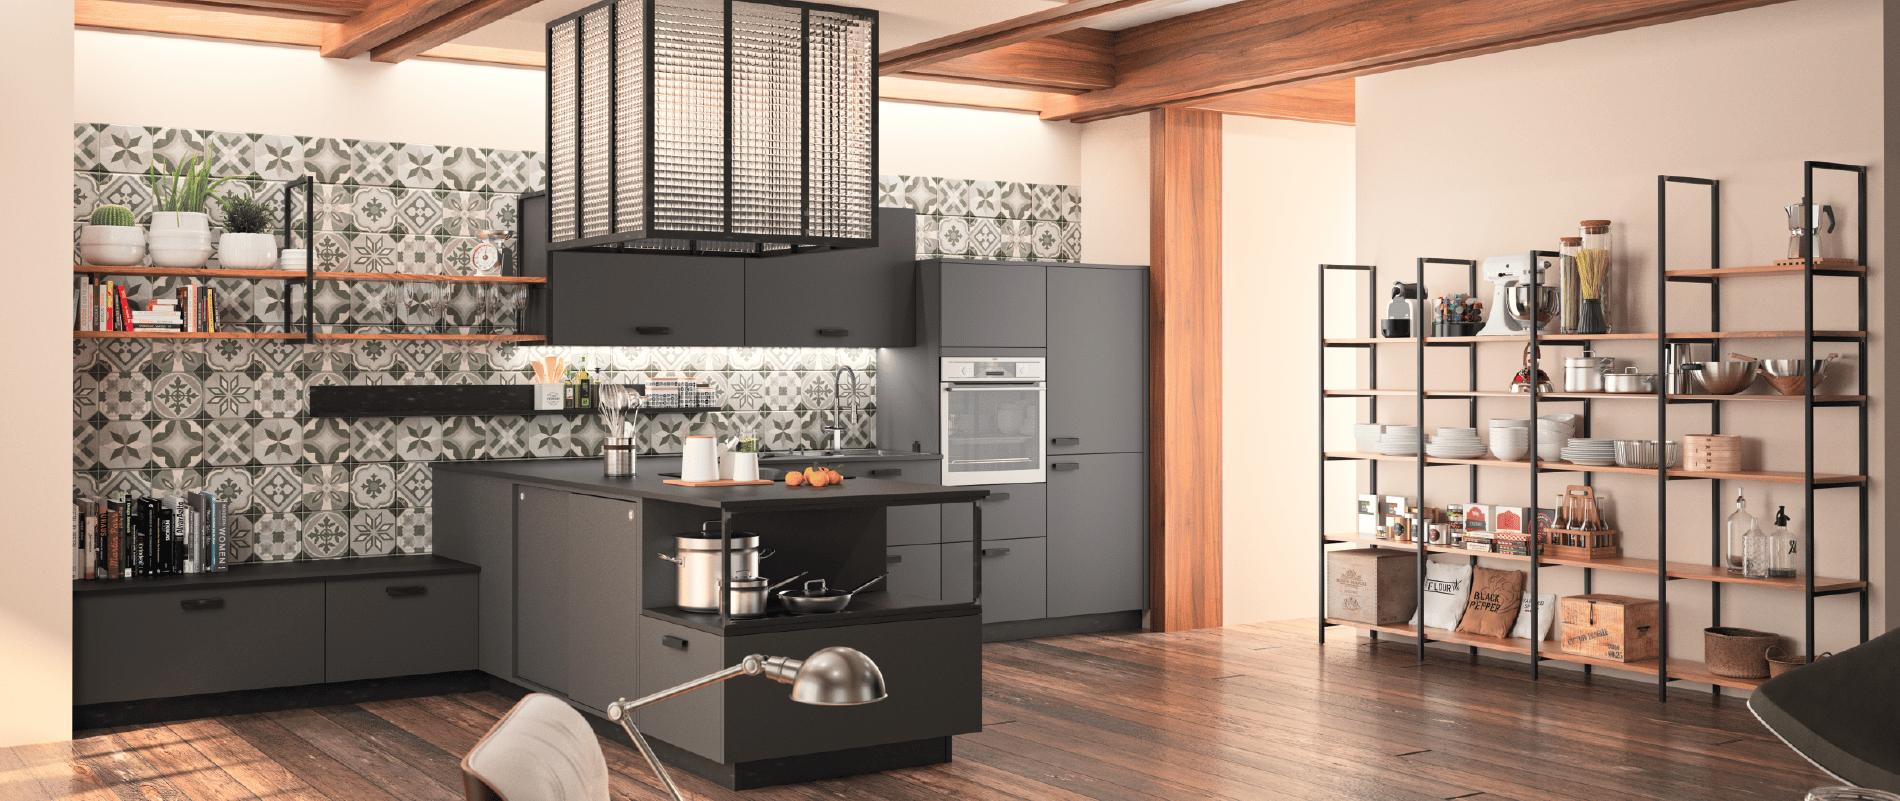 zenit design ind cuisines morel. Black Bedroom Furniture Sets. Home Design Ideas